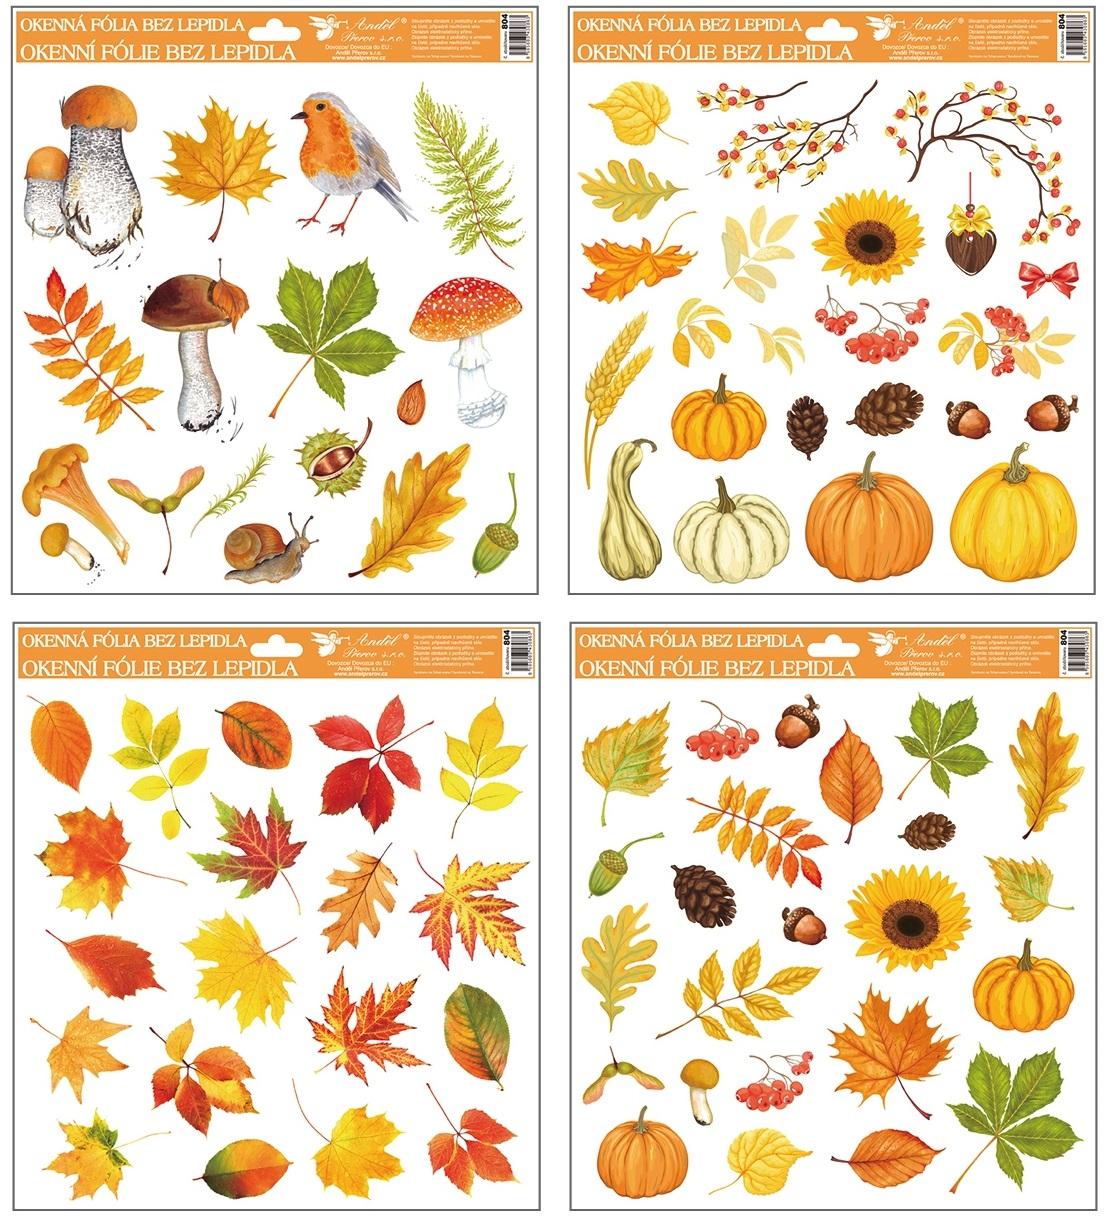 Fólie na okna podzim 30x30 cm (804)